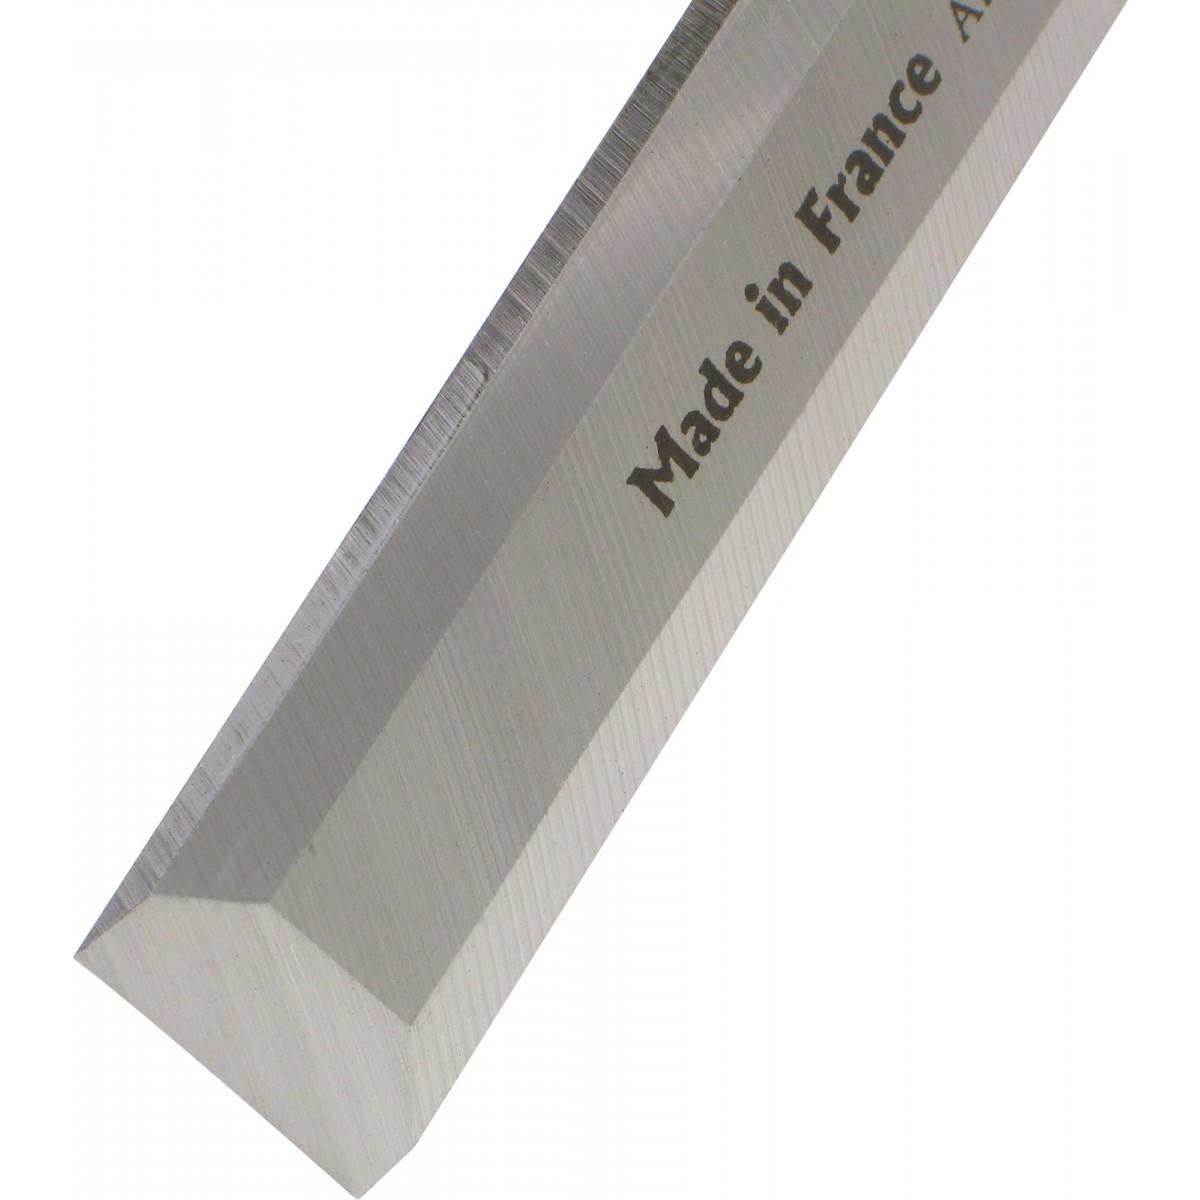 Ciseau de sculpteur manche bois Outibat - Longueur 20 mm